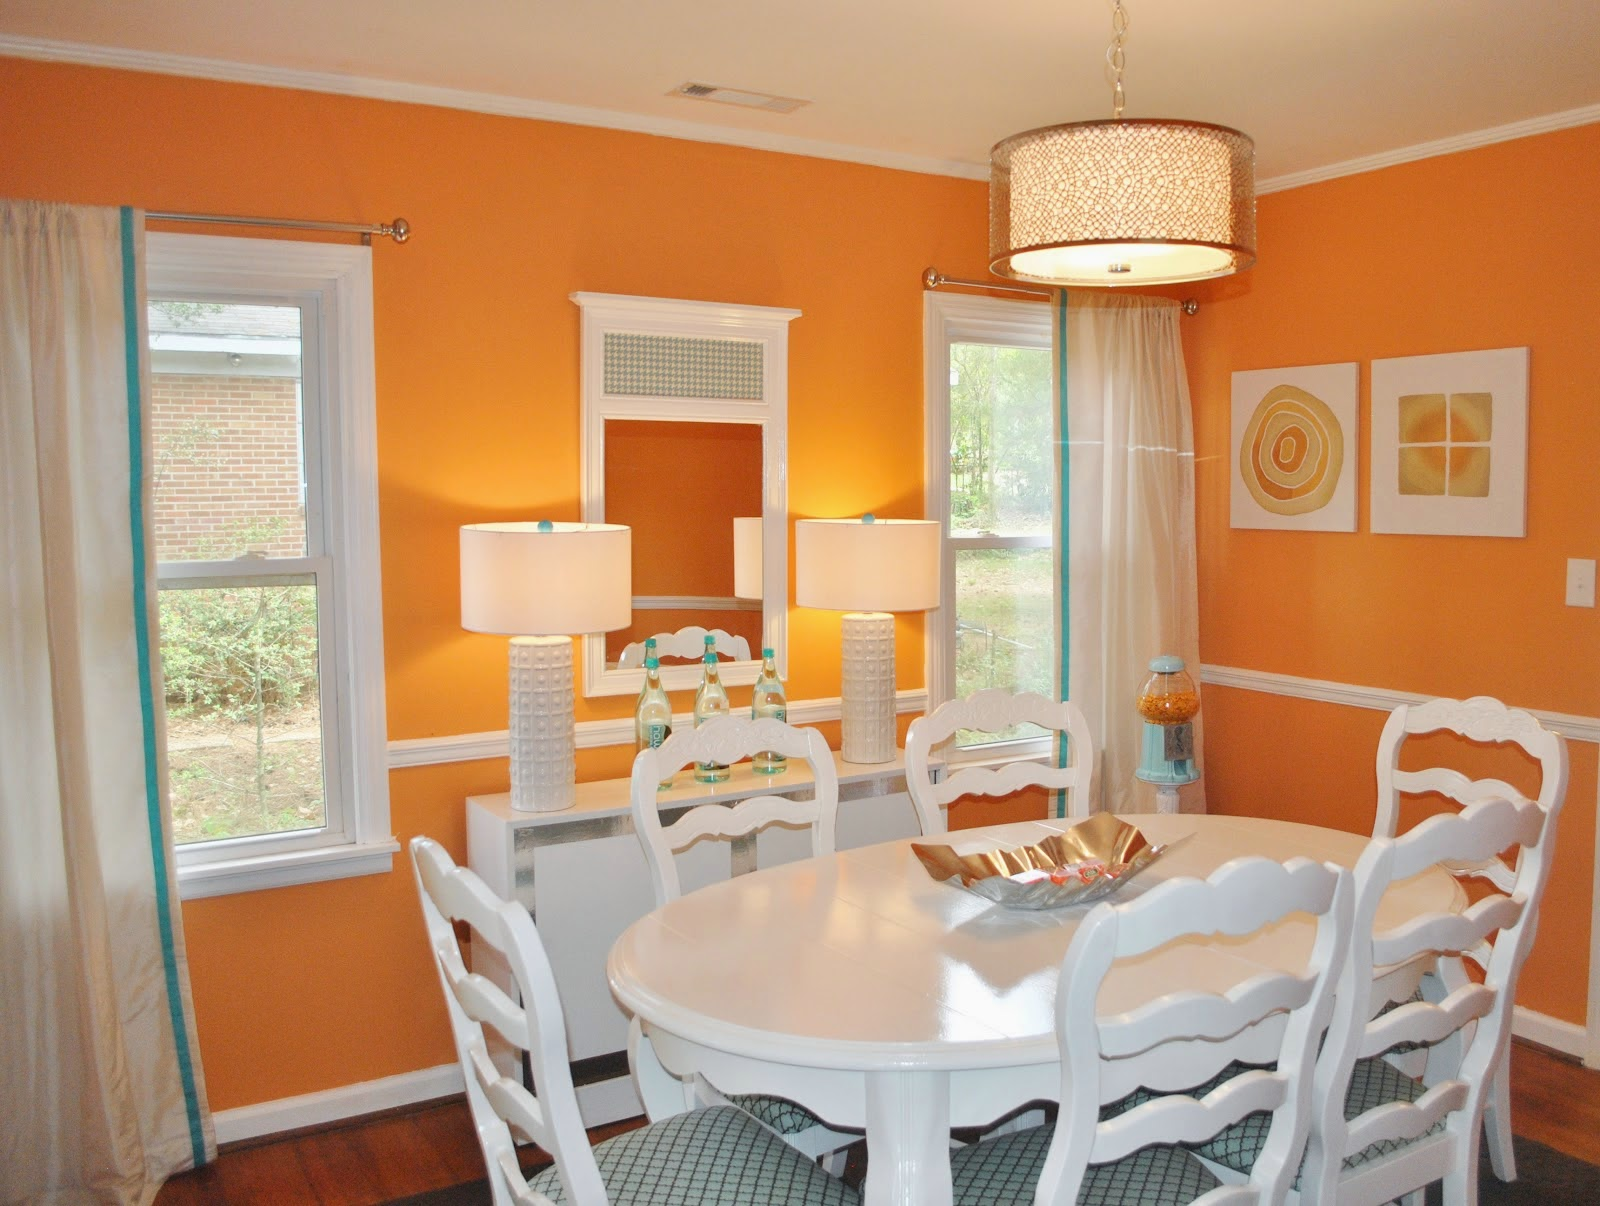 Desain Warna Cat Untuk Ruang Tamu Wallpaper Dinding